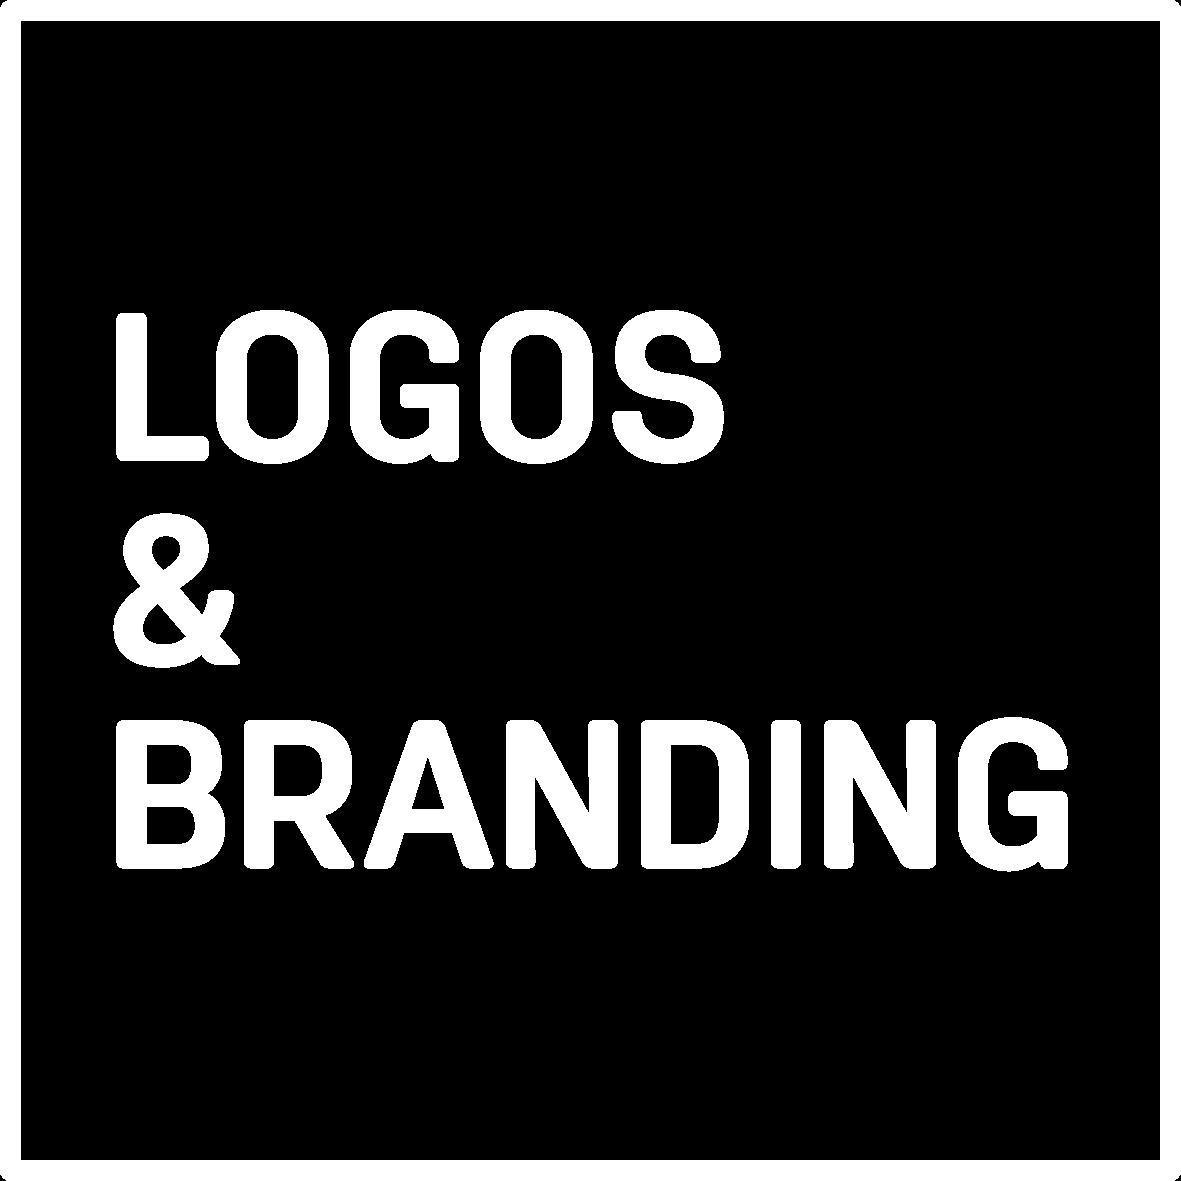 Logos Branding-white-border-01.png